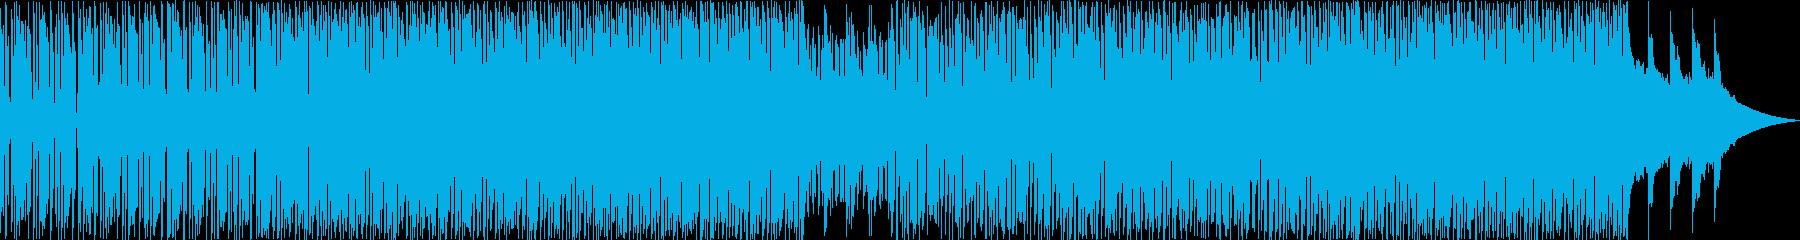 陽気でレトロな80年代のファンキー...の再生済みの波形